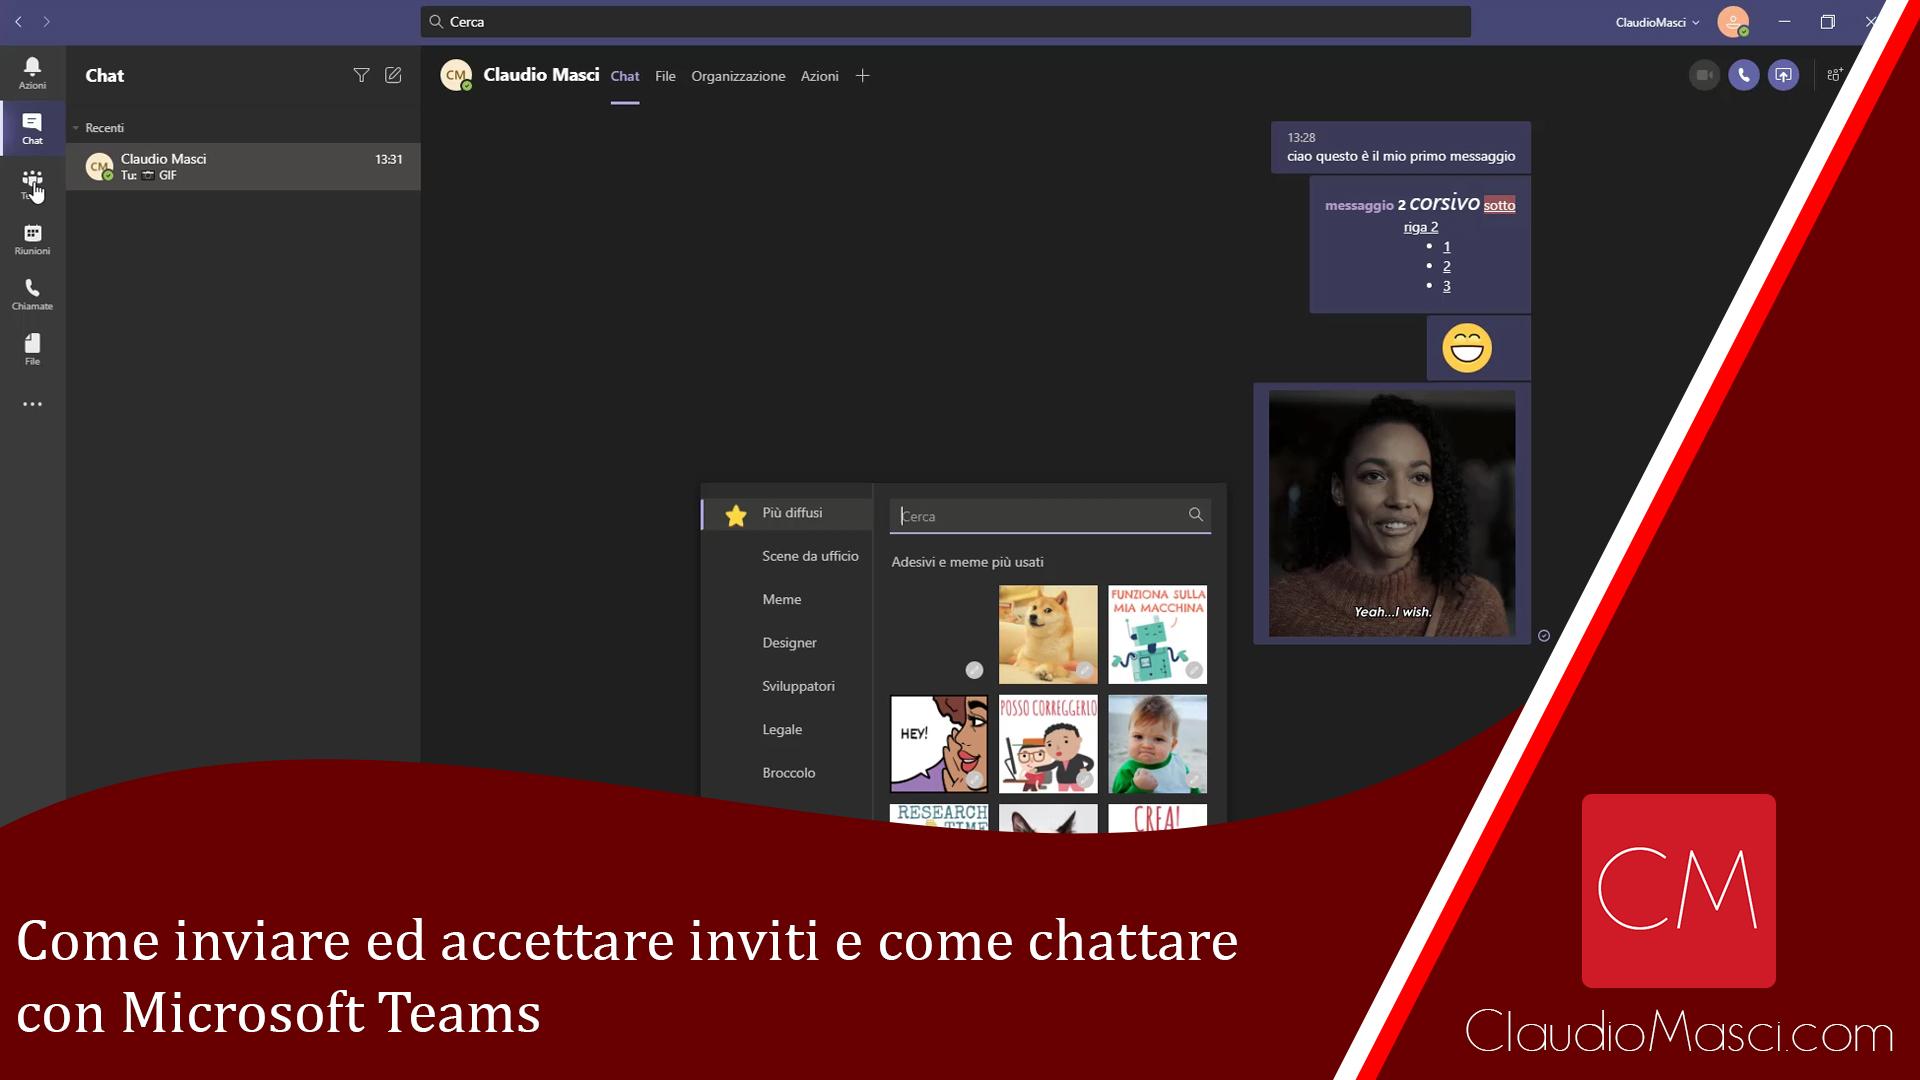 Come inviare ed accettare inviti e come chattare con Microsoft Teams